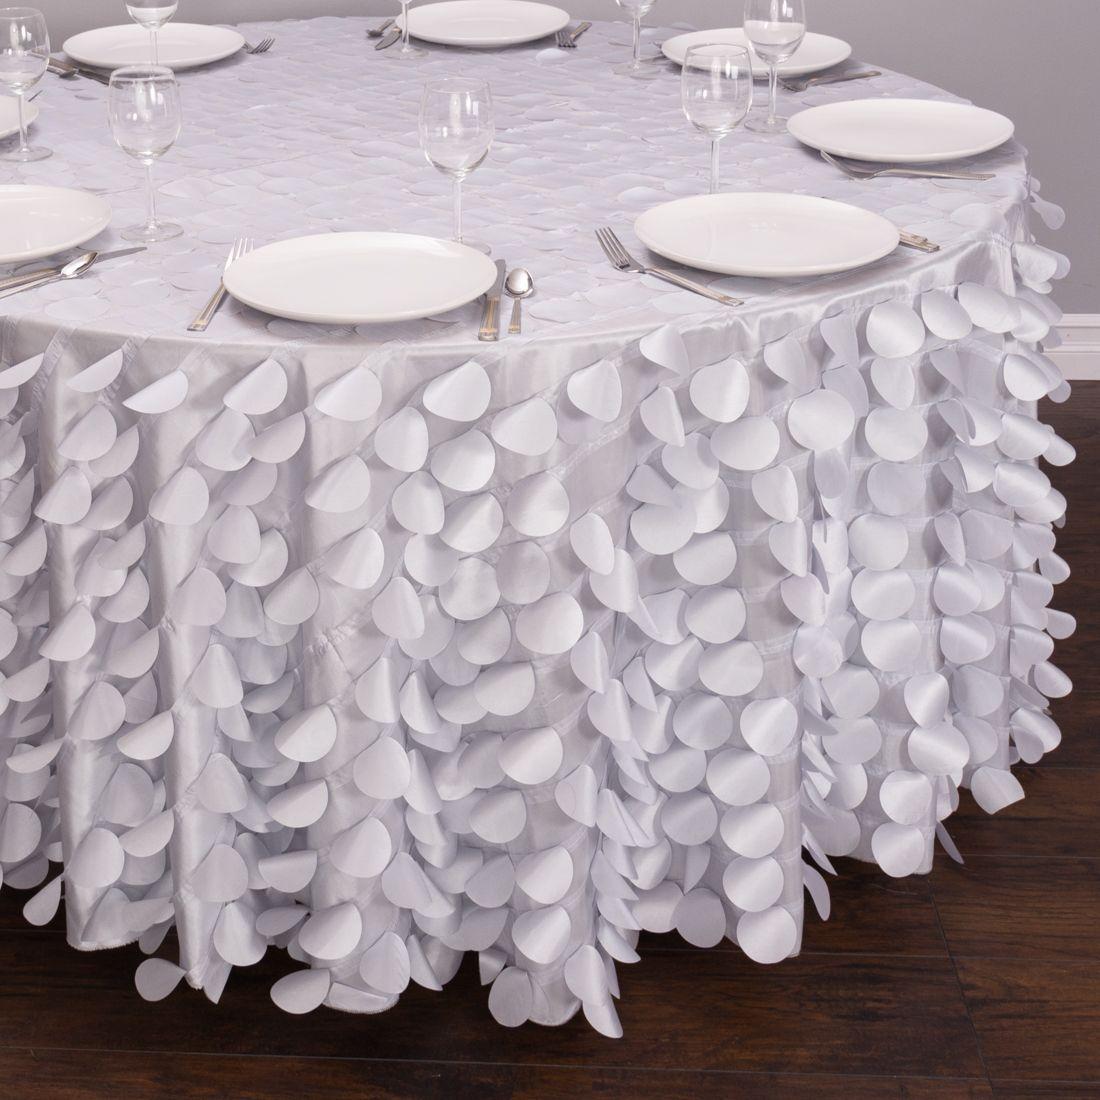 Wedding decoration ideas burgundy   in Round Petal Tablecloth Silver  Wedding Decoration Ideas